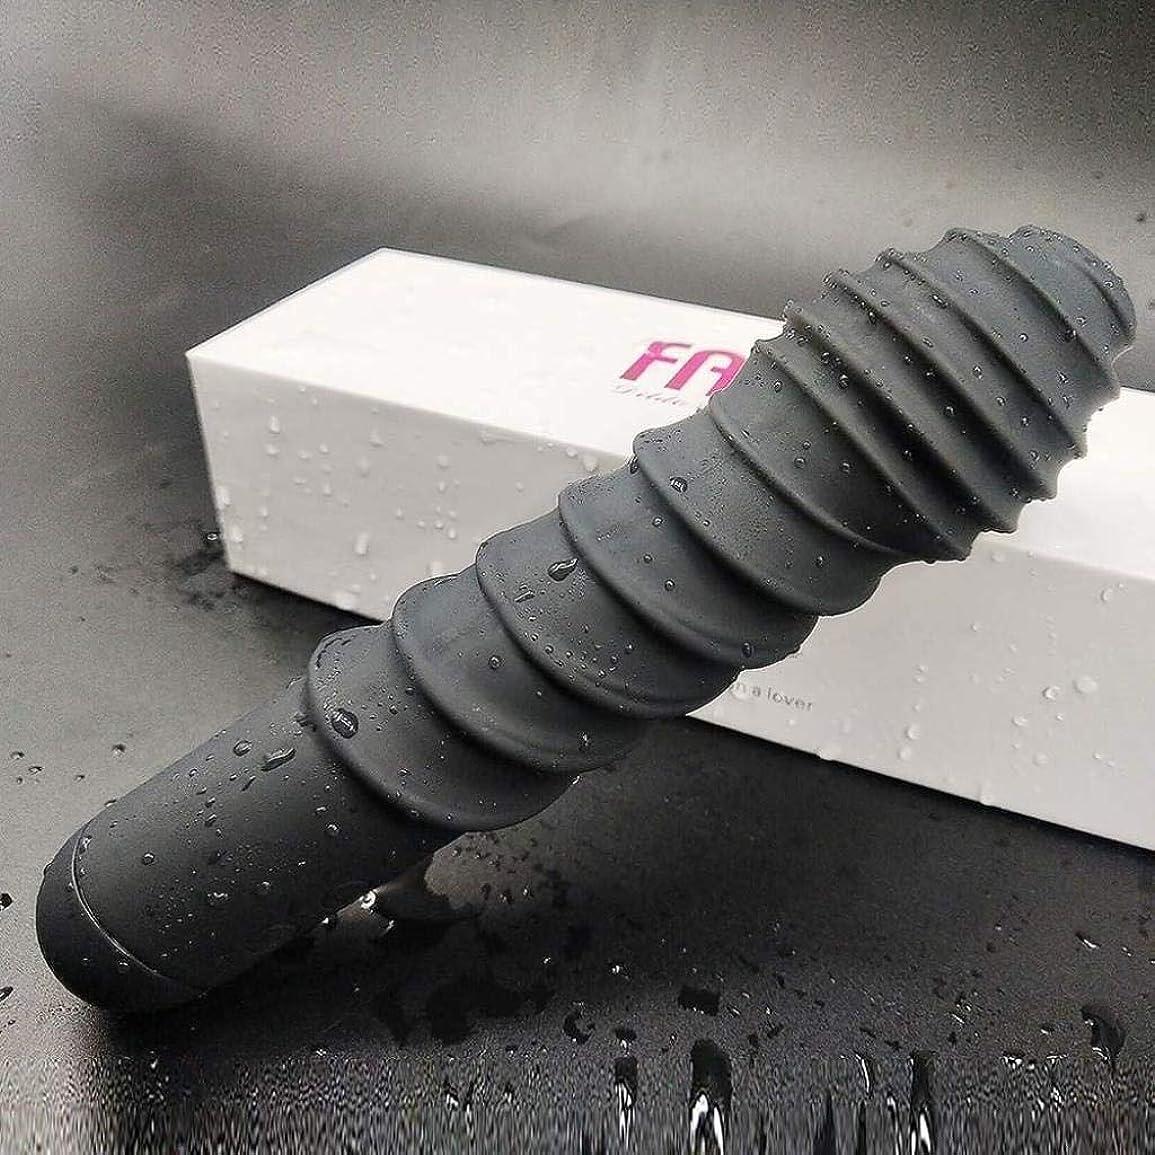 コンプリート膨らませるシリーズプレミアム再利用可能なコードレス手VI-bratingマッサージ (Color : Black)